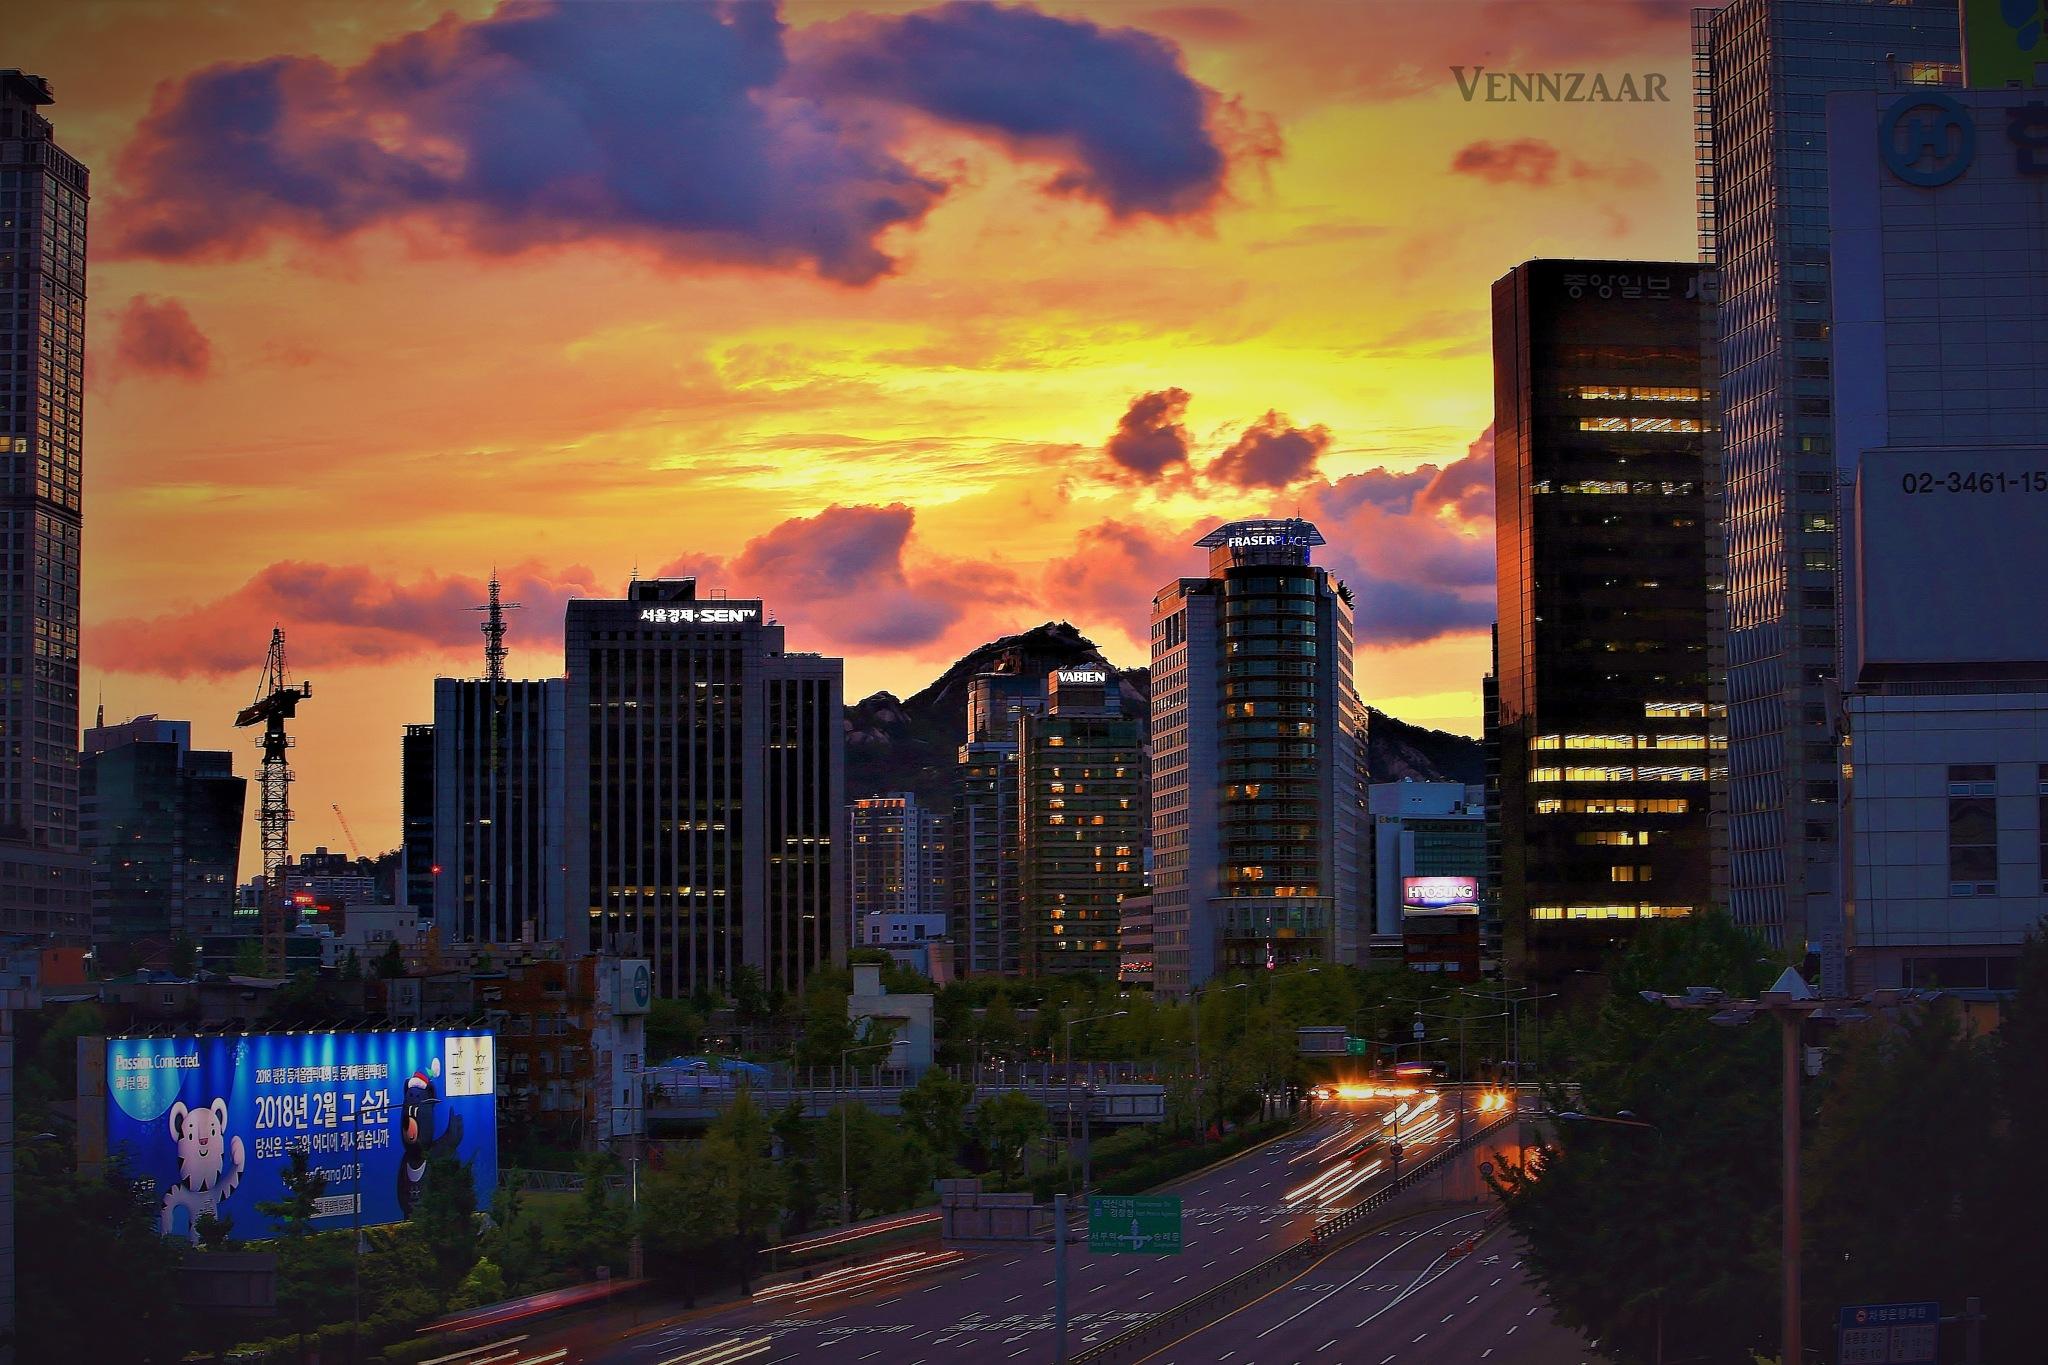 SEOUL CITY by vennzaar